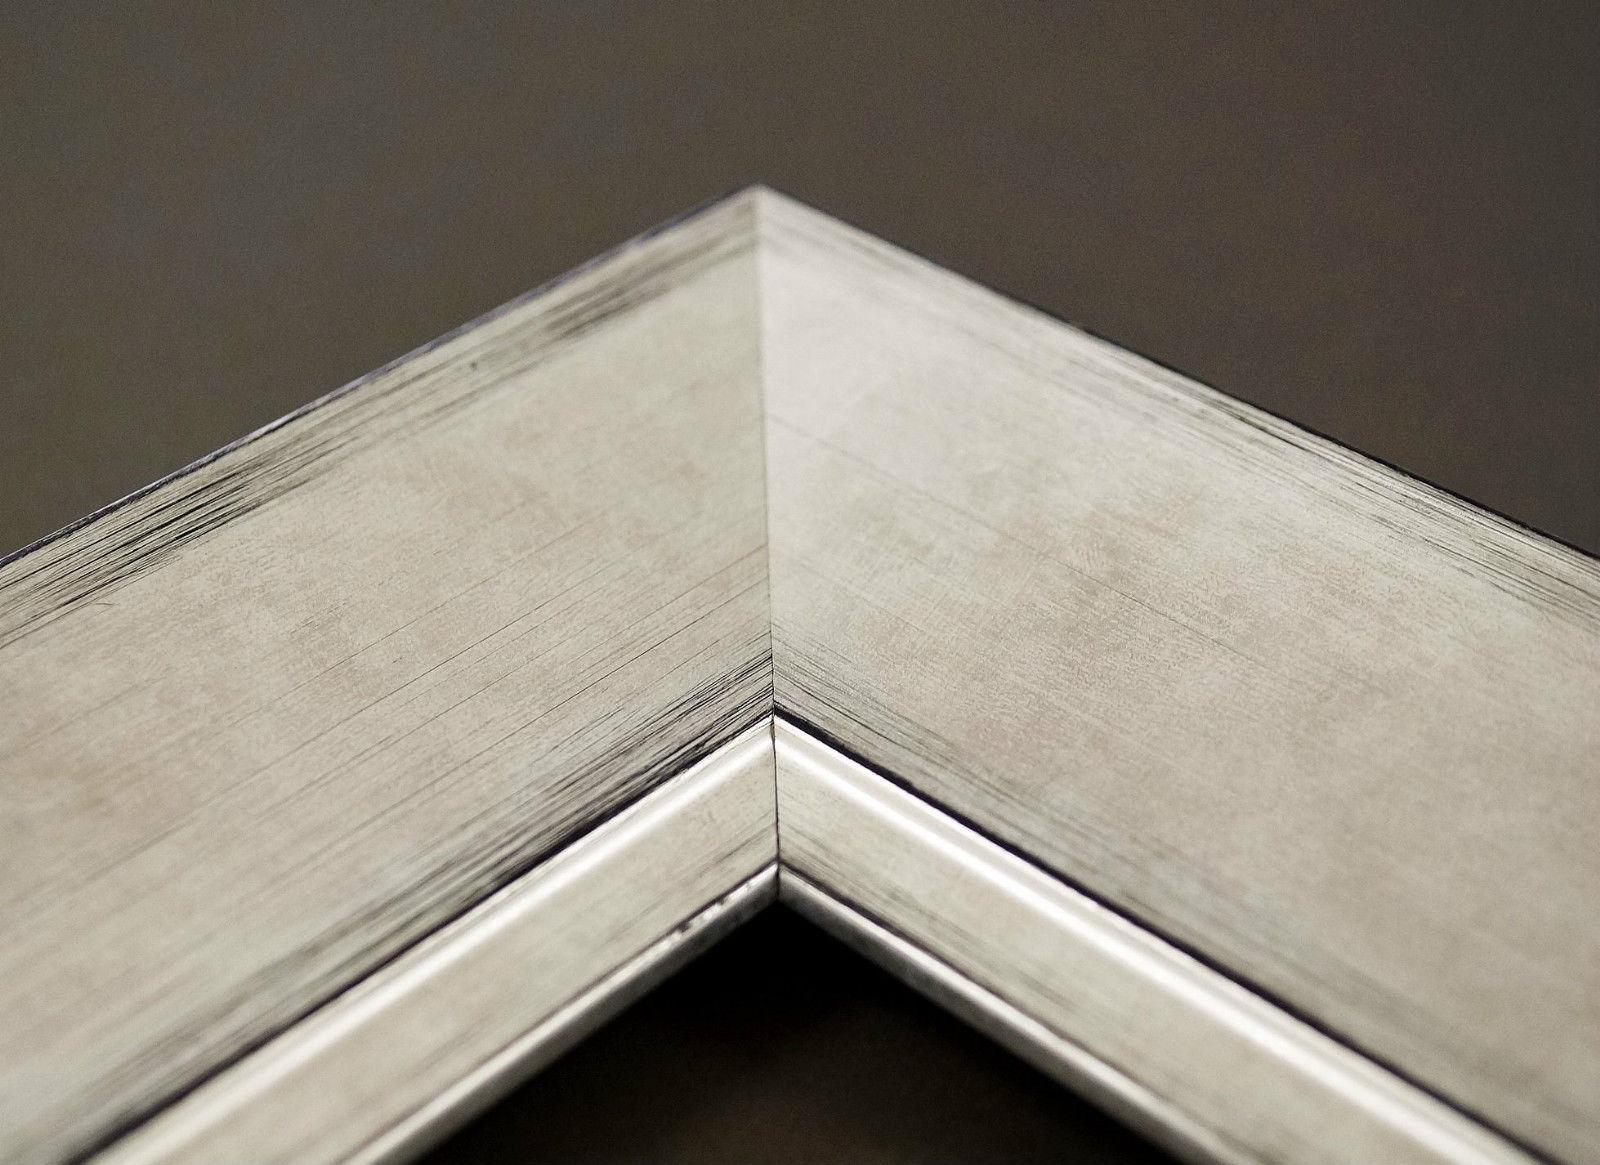 spiegel wandspiegel holzrahmen modern vintage shabby. Black Bedroom Furniture Sets. Home Design Ideas